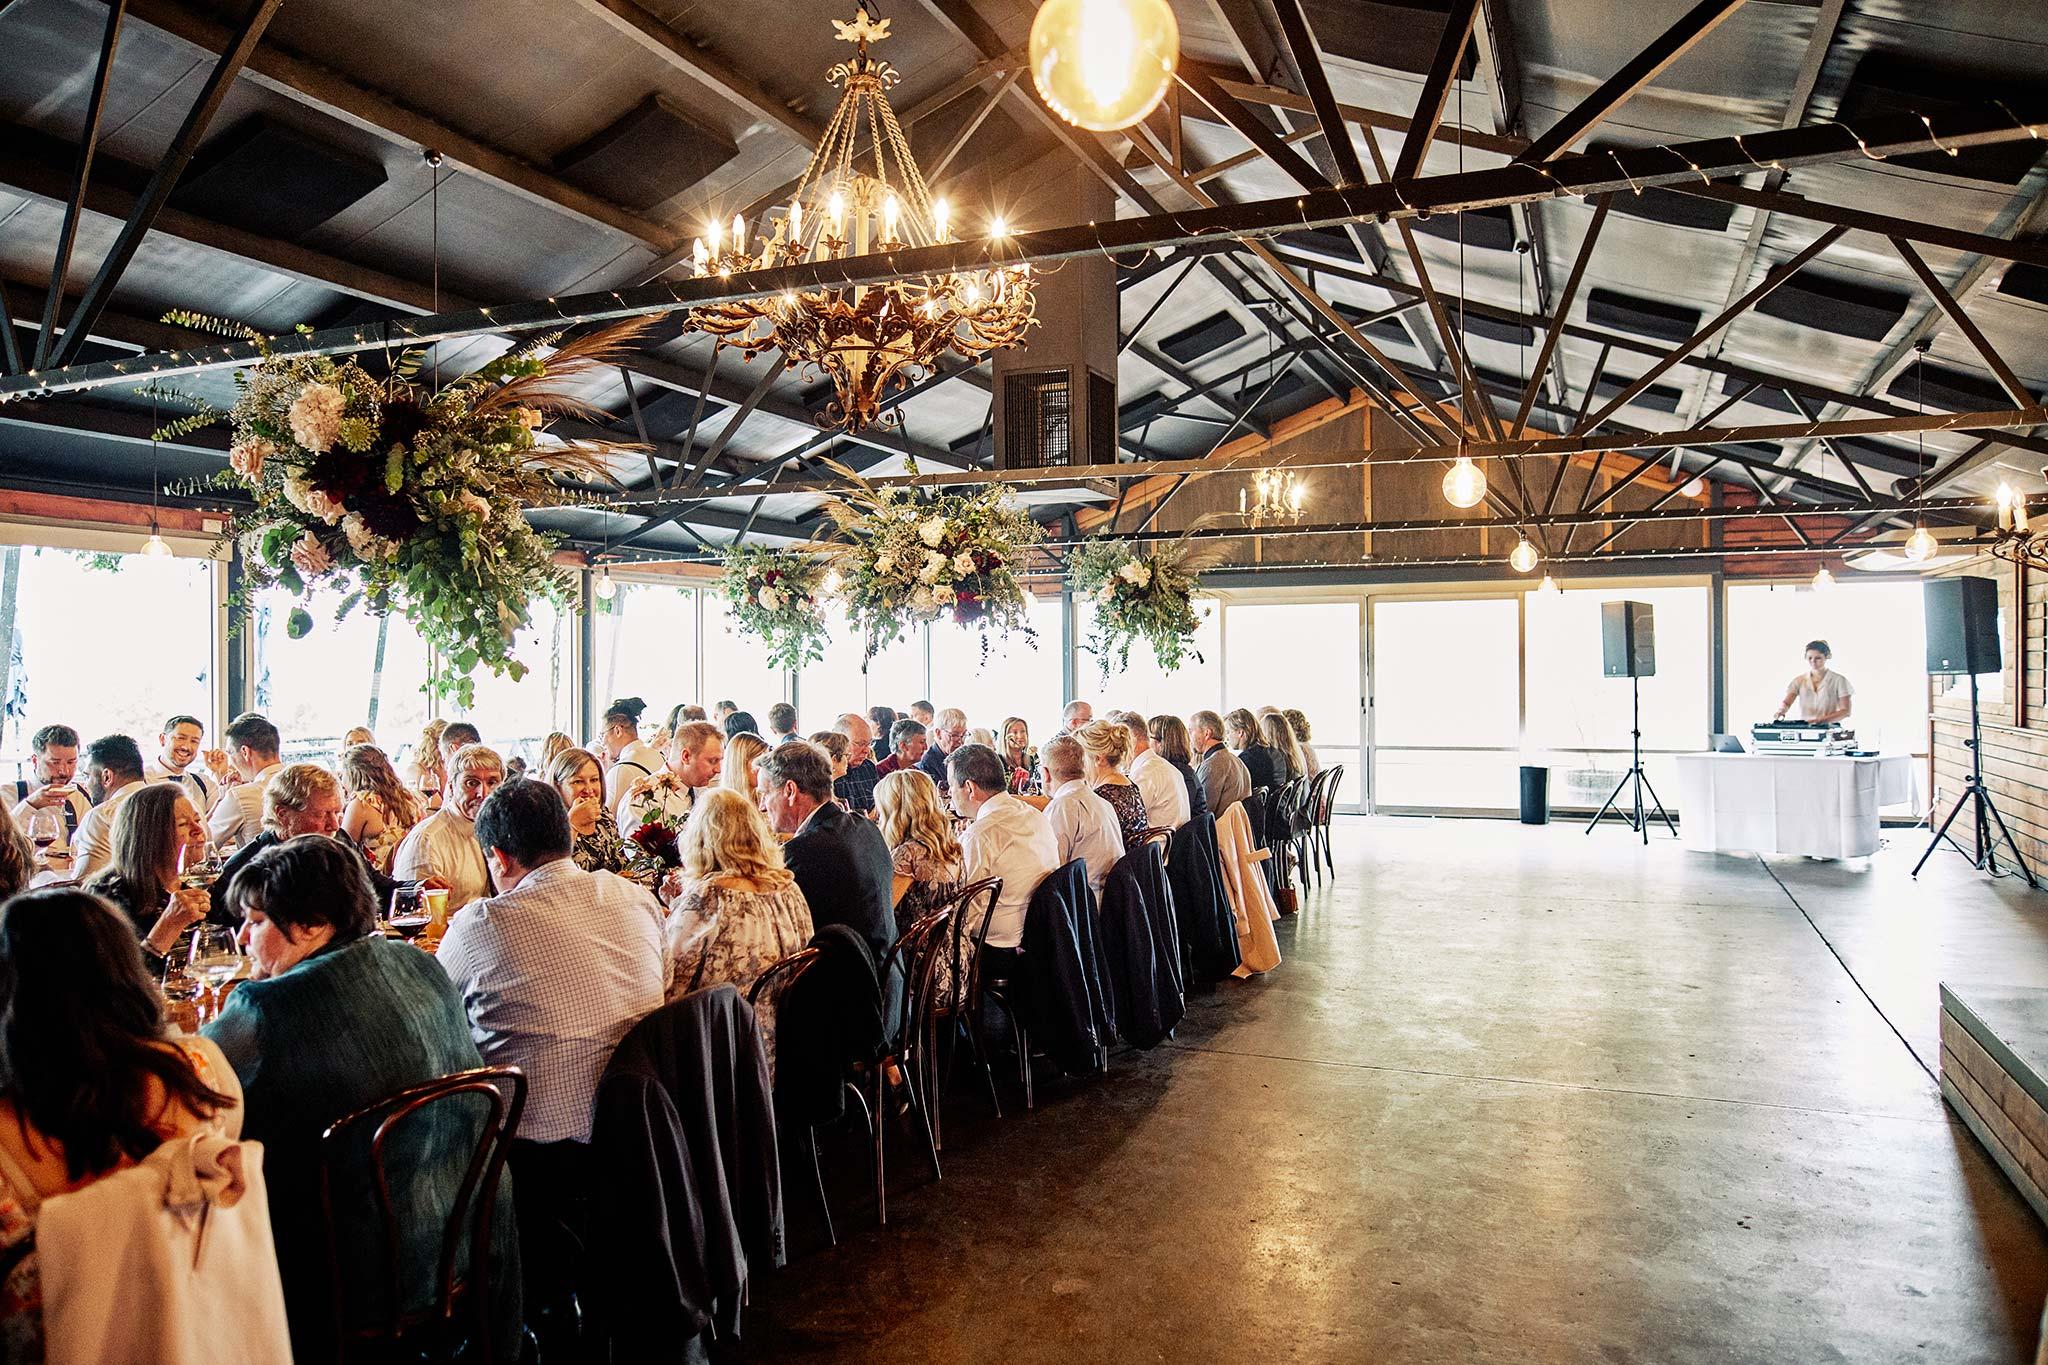 zonzo wedding photography reception with dj